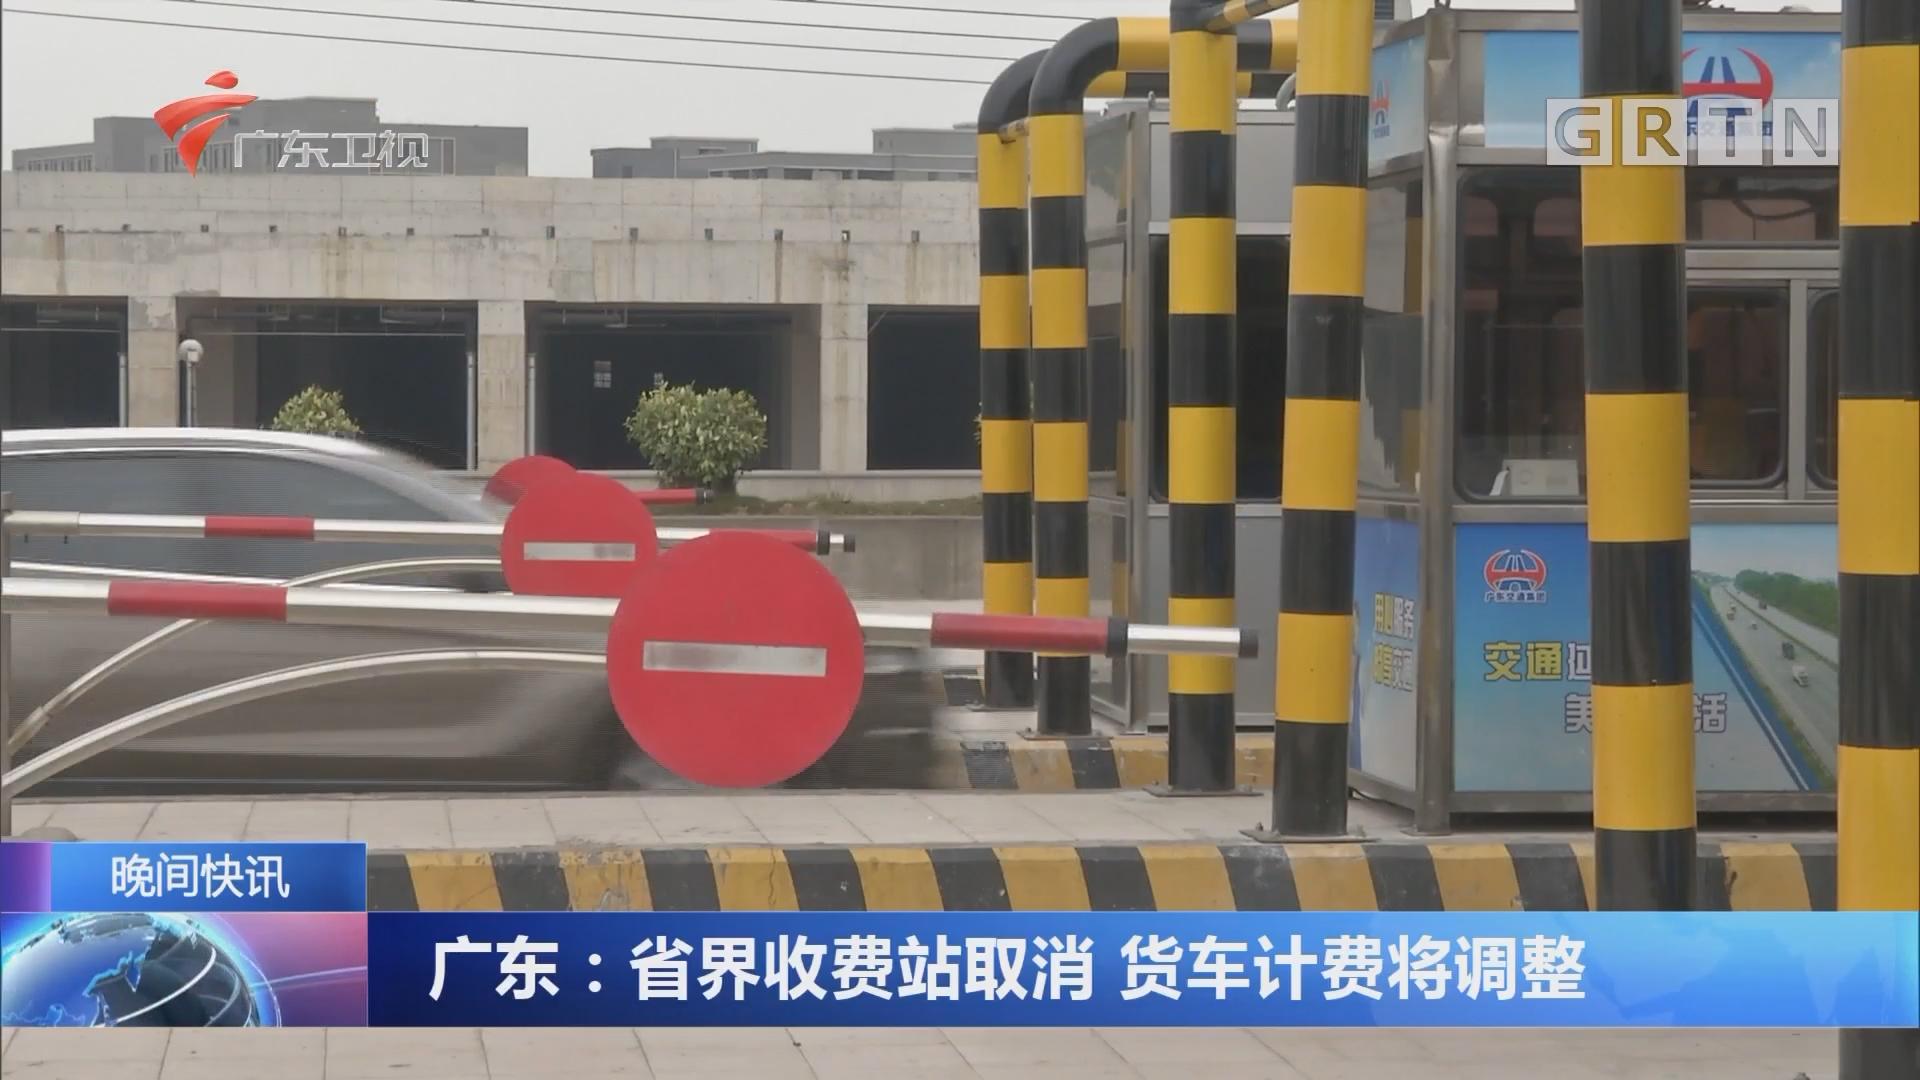 广东:省界收费站取消 货车计费将调整